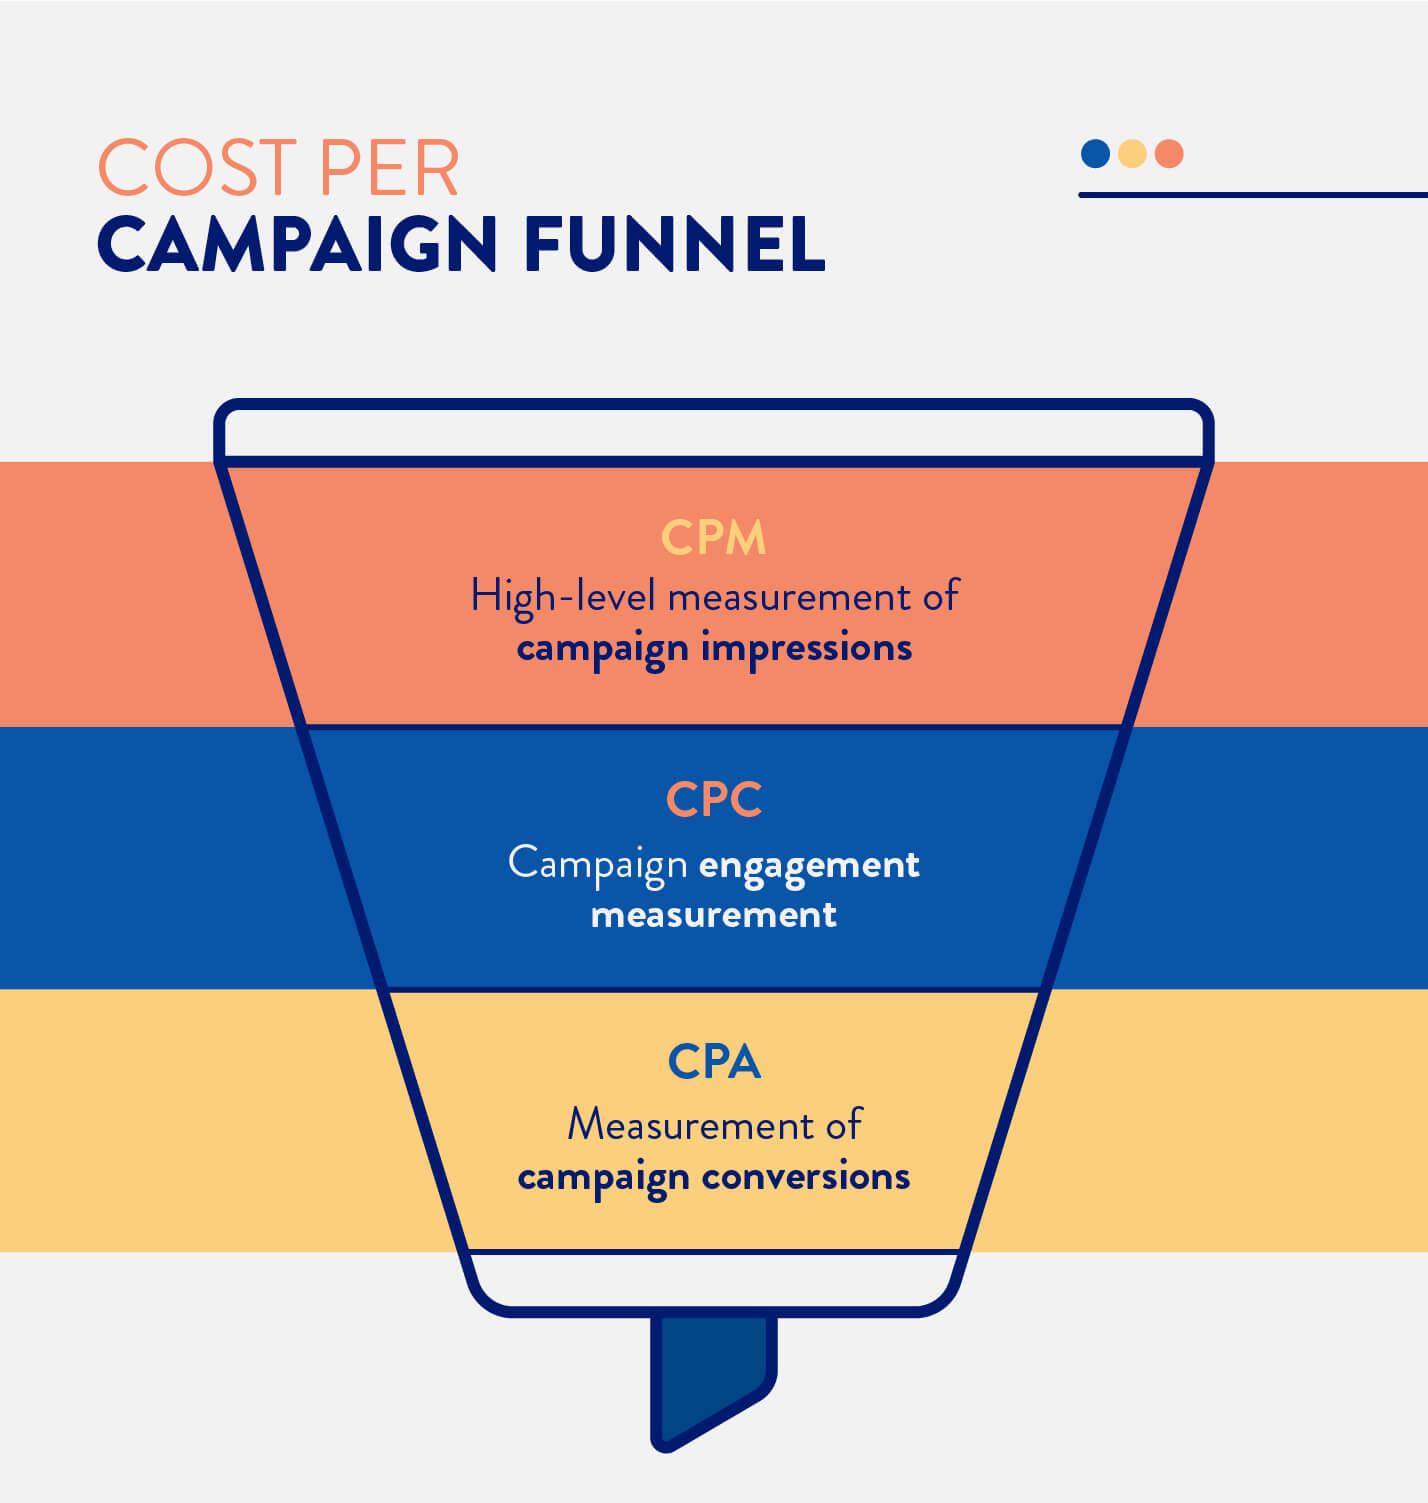 CPM campaign funnel